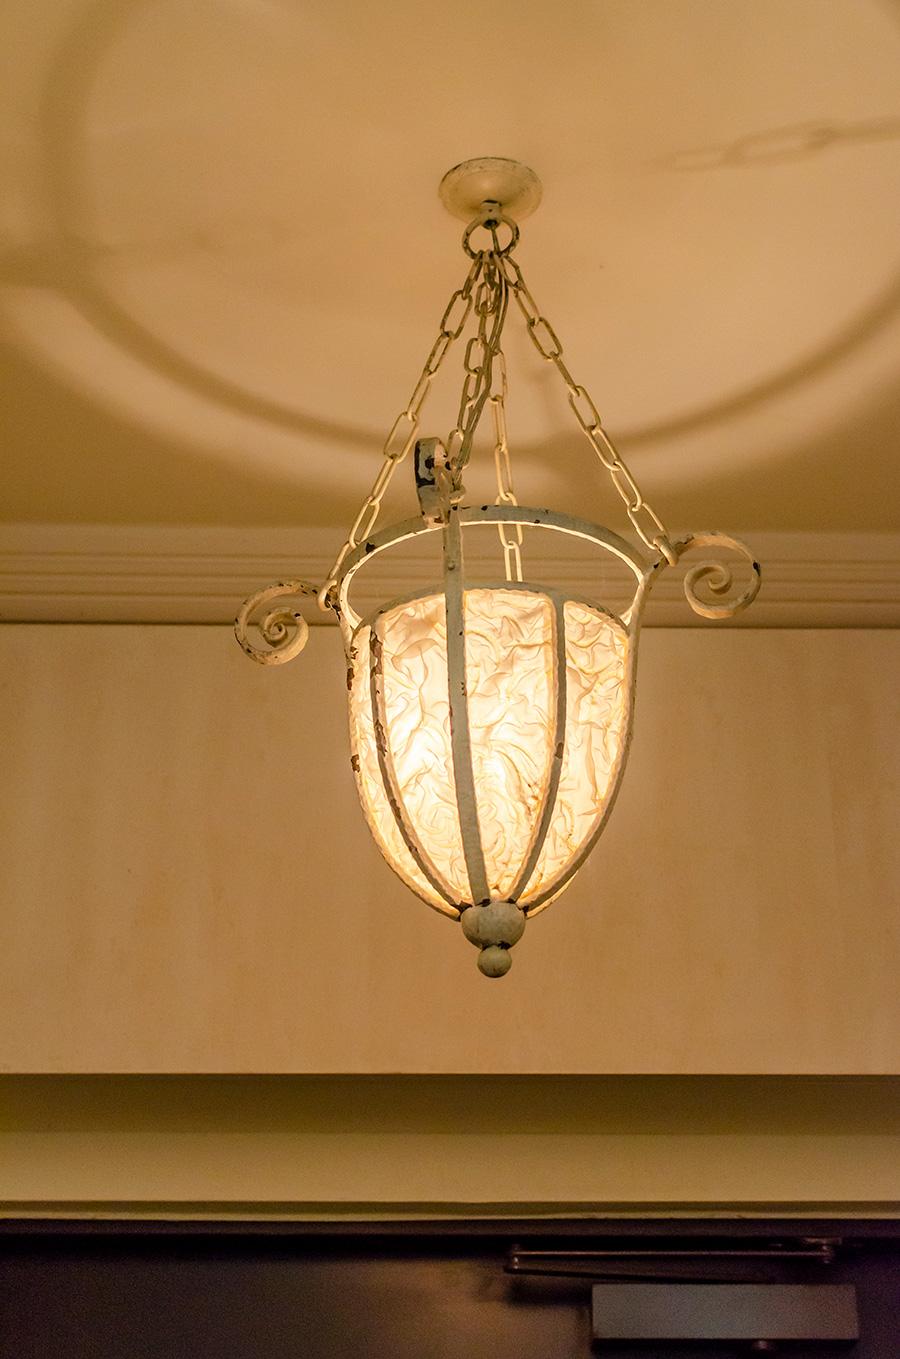 玄関を照らすのは、曲線と経年変化が美しいペンダントランプ。建物と空間に調和する。